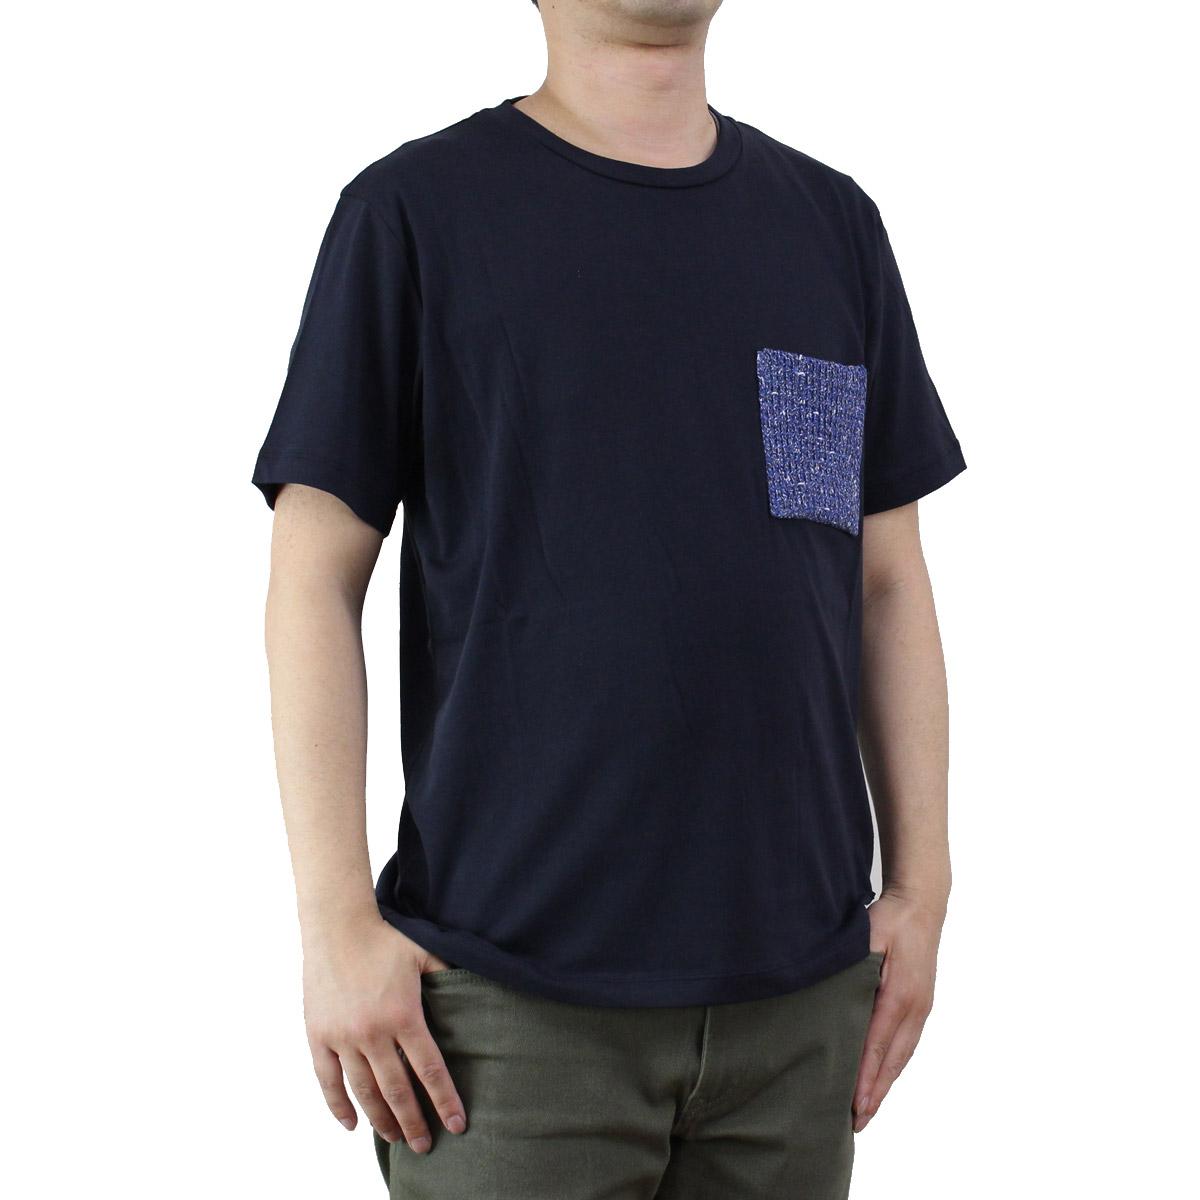 バーク Bark  メンズ 半袖 Tシャツ 71B8703 254 NAVY ネイビー系  メンズ ティーシャツ ティーシャツ T shirt OLS-4  ts-01